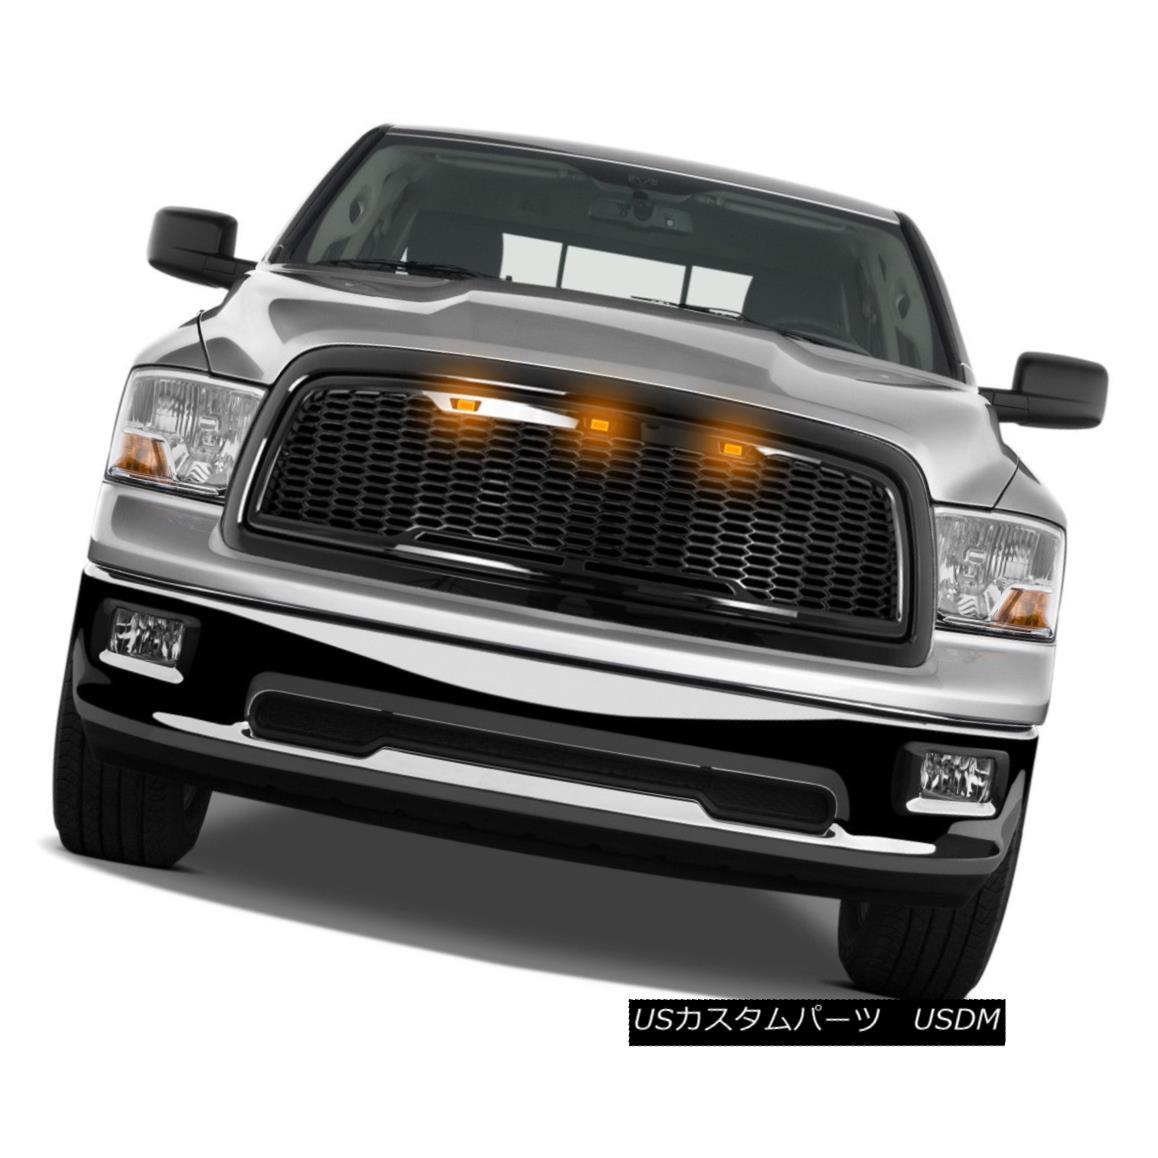 グリル 09-12 Dodge RAM Raptor Style Gloss Black Replacement Mesh Grille+Shell+Amber LED 09-12ダッジRAMラプタースタイルグロスブラック交換メッシュグリル+シェル+ A mber LED